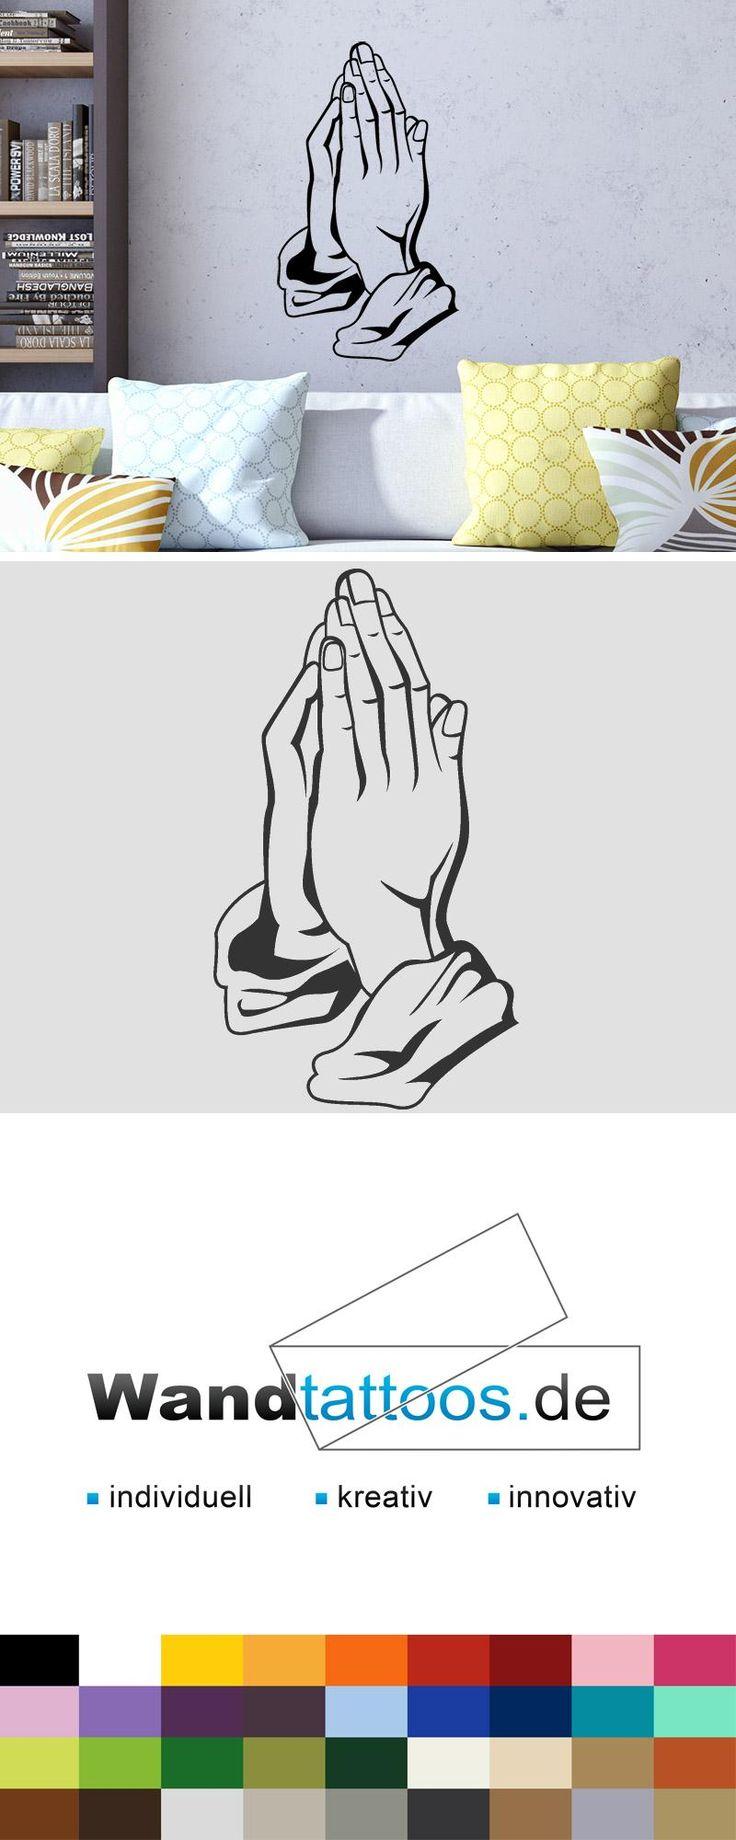 Wandtattoo Betende Hände als Idee zur individuellen Wandgestaltung. Einfach Lieblingsfarbe und Größe auswählen. Weitere kreative Anregungen von Wandtattoos.de hier entdecken!